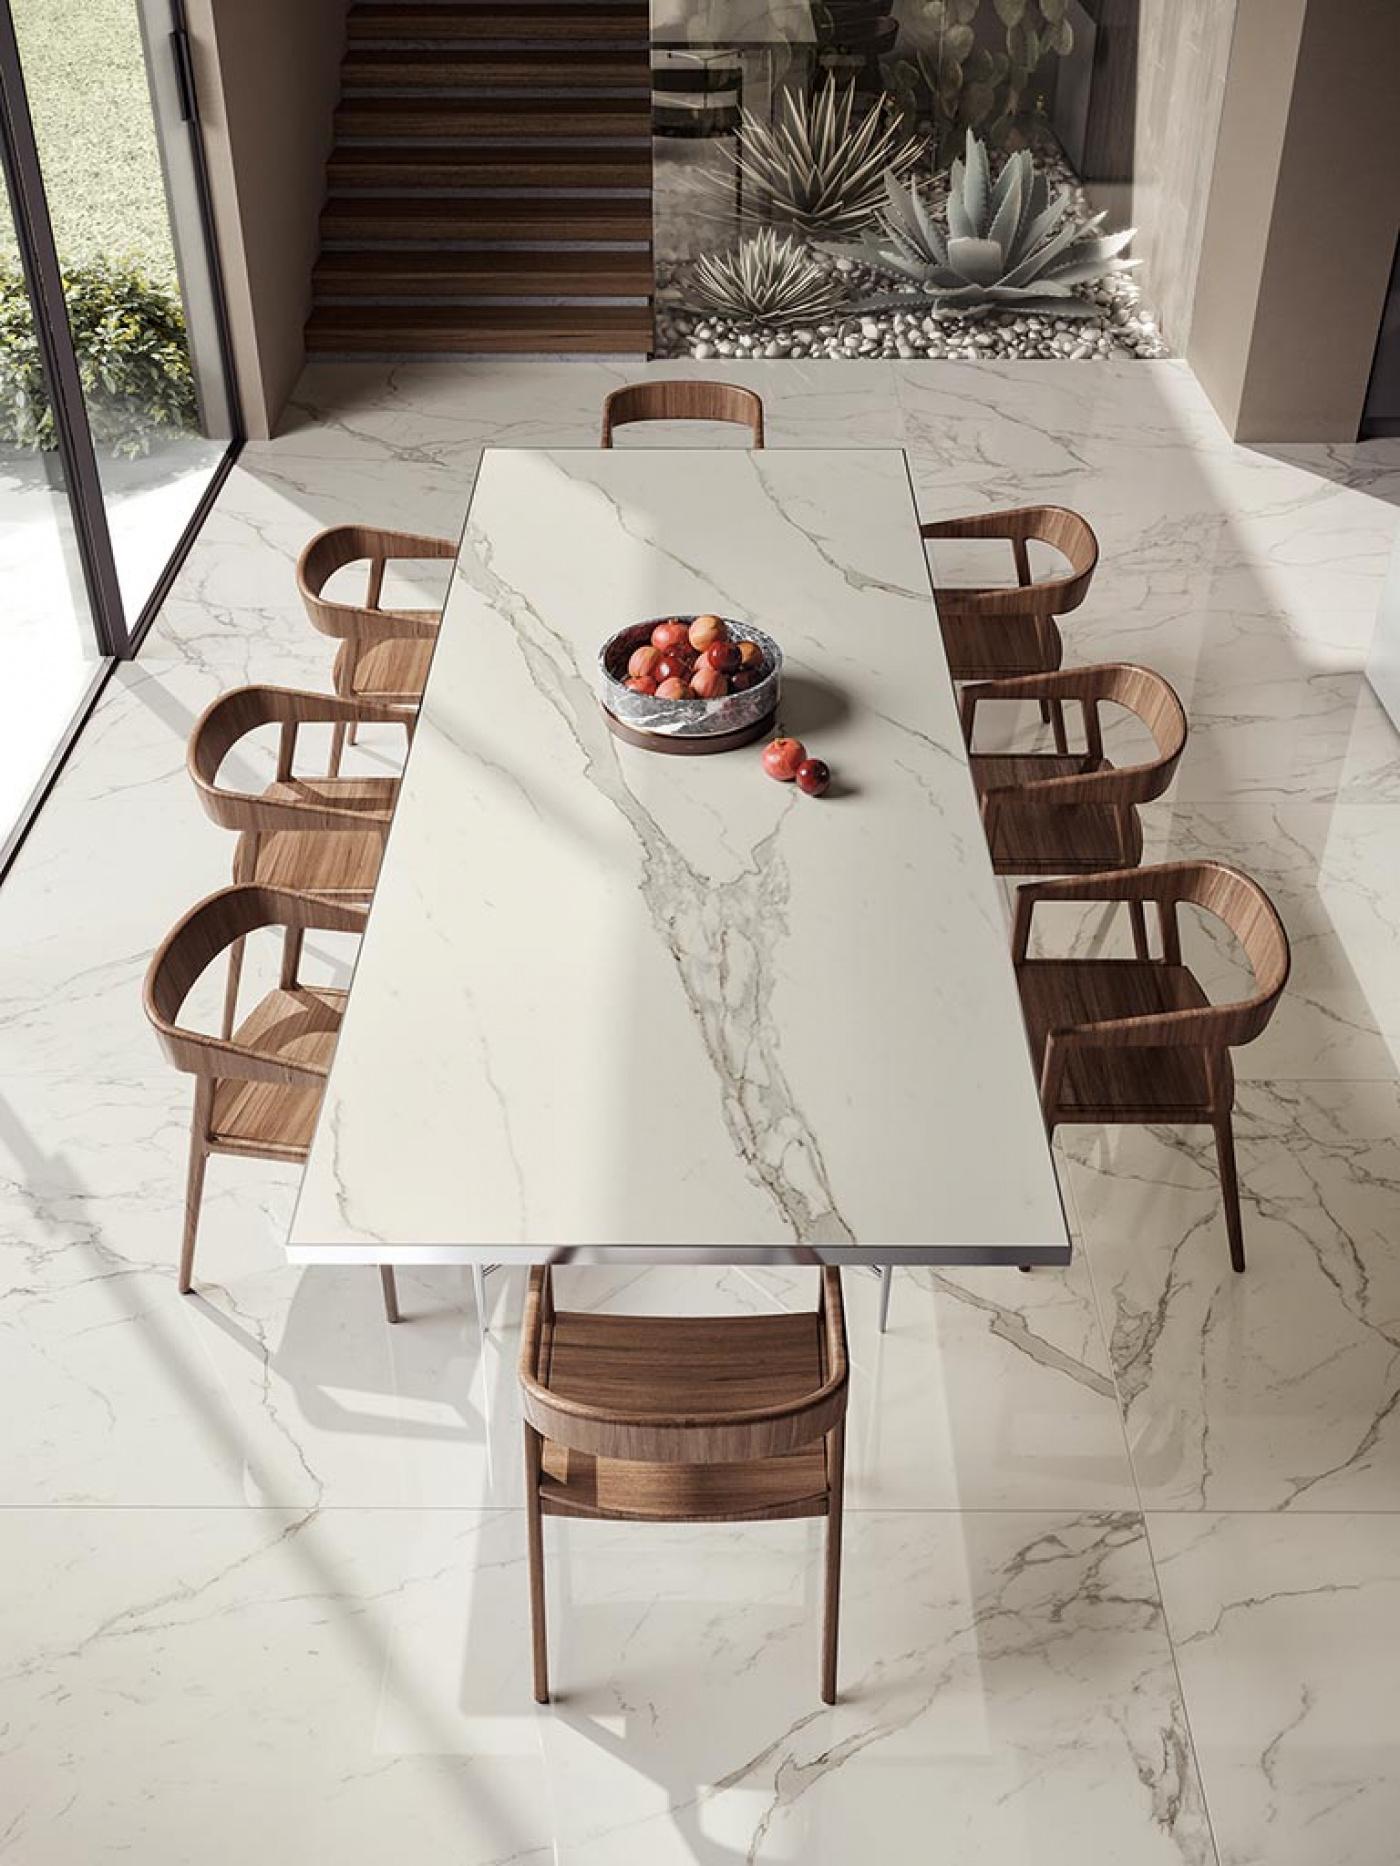 Mobilier table et sol ceramique calacatta